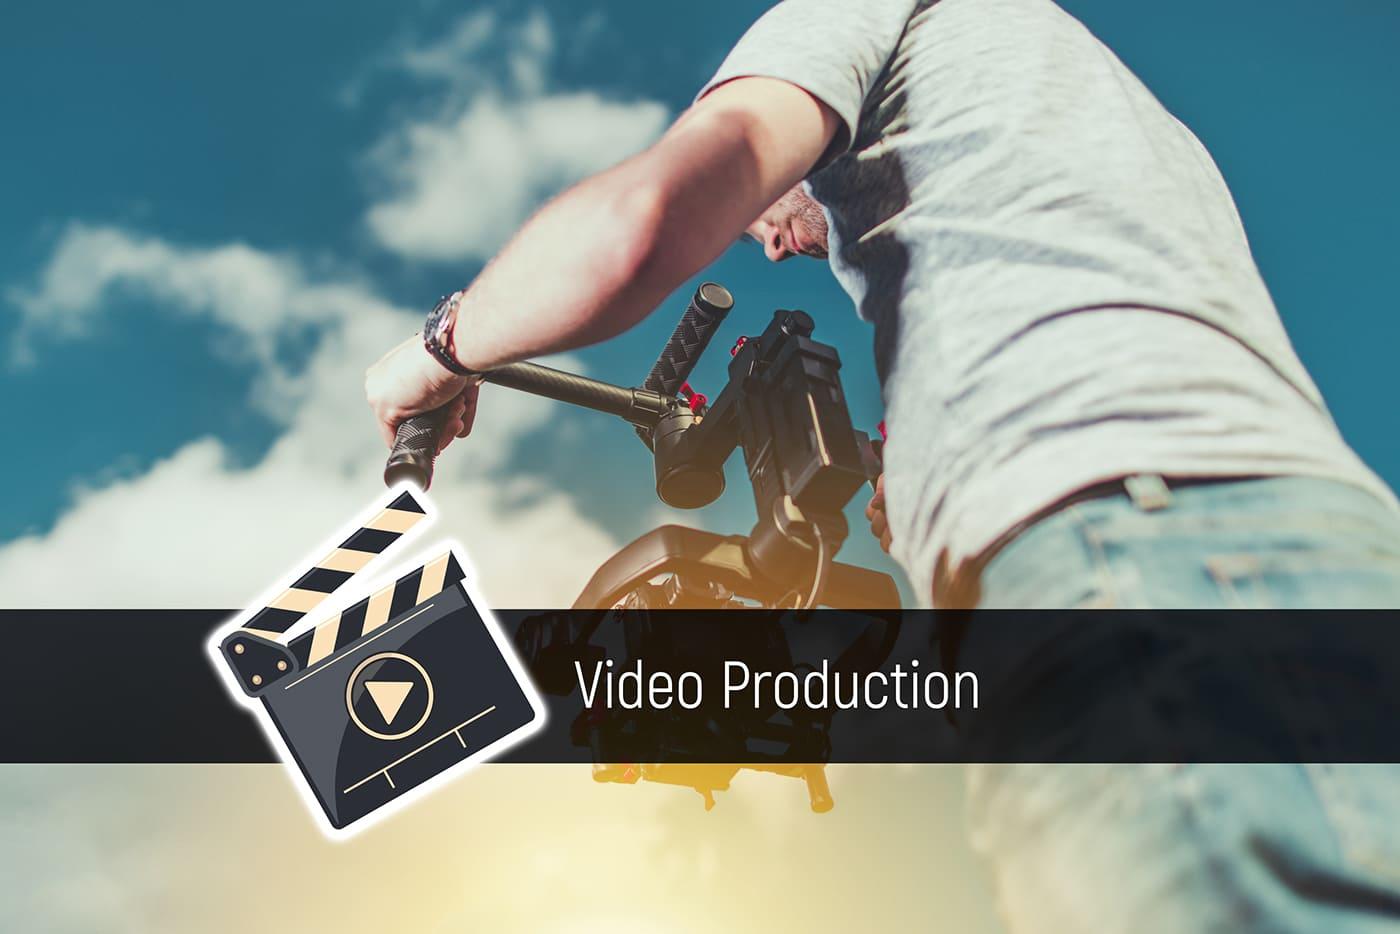 Aplicaciones para editar videos en el celular